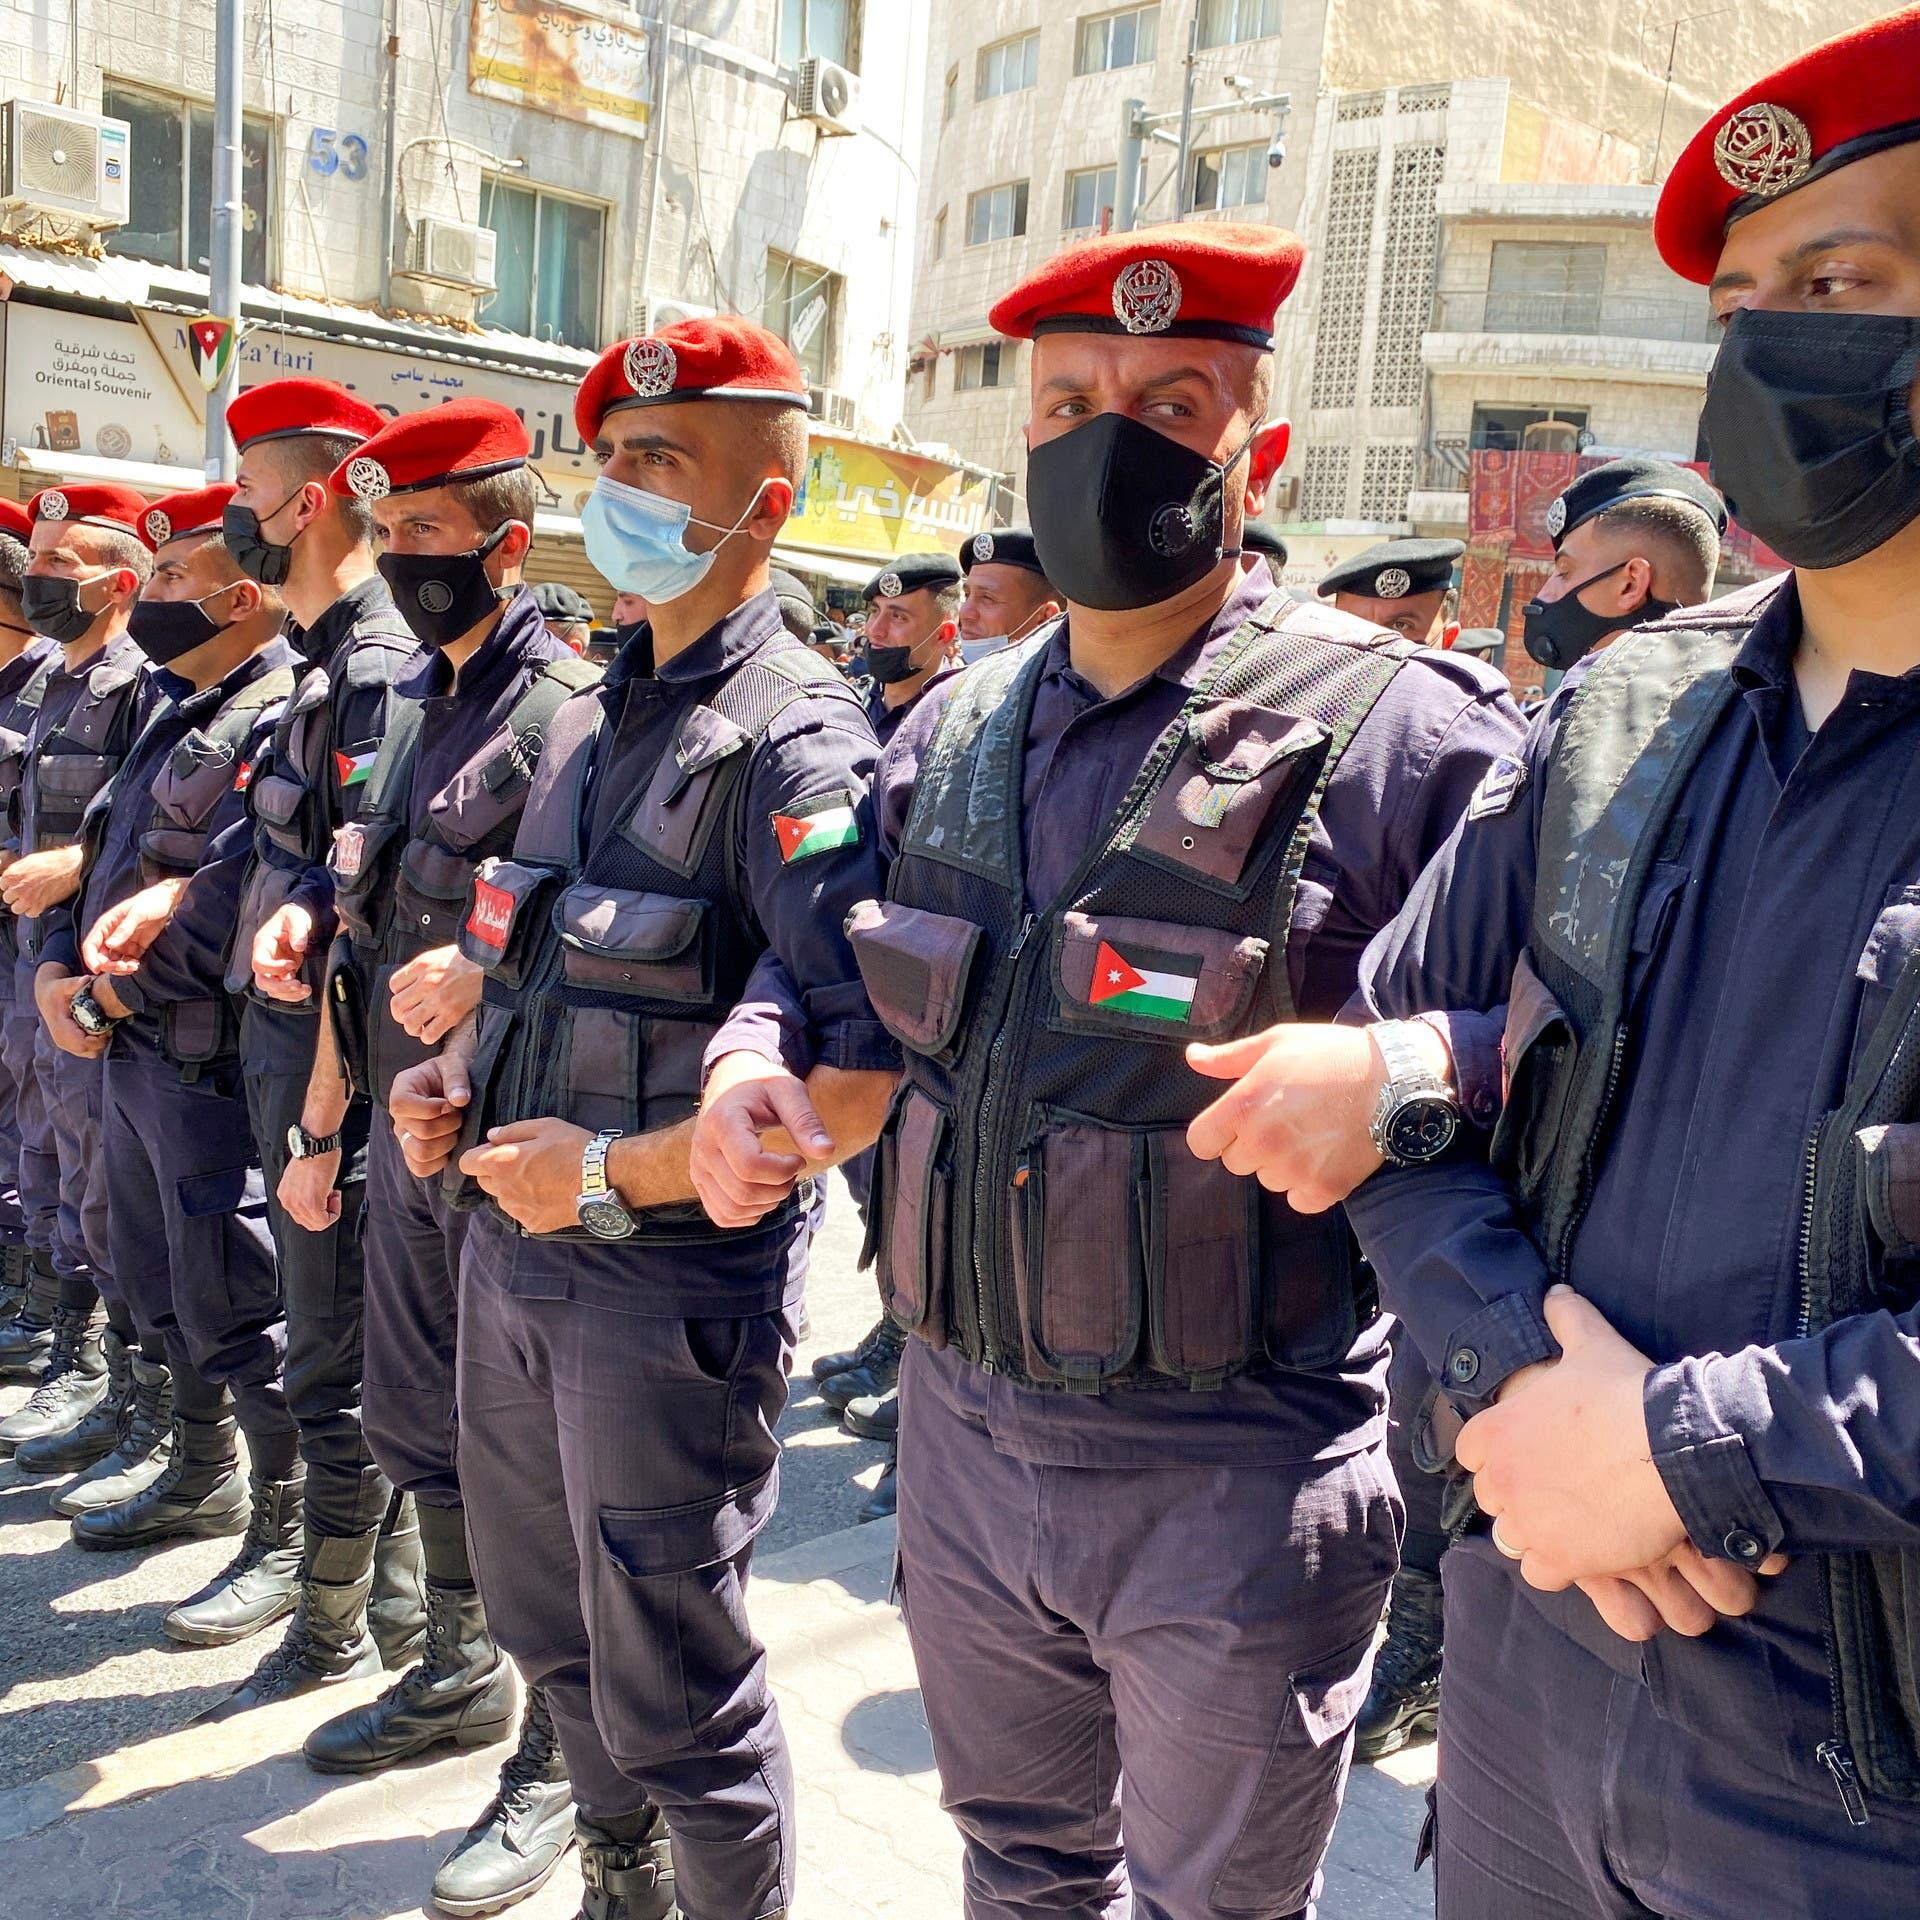 الأردن: نحذر من أي تجمعات تمس الأمن وسيادة القانون